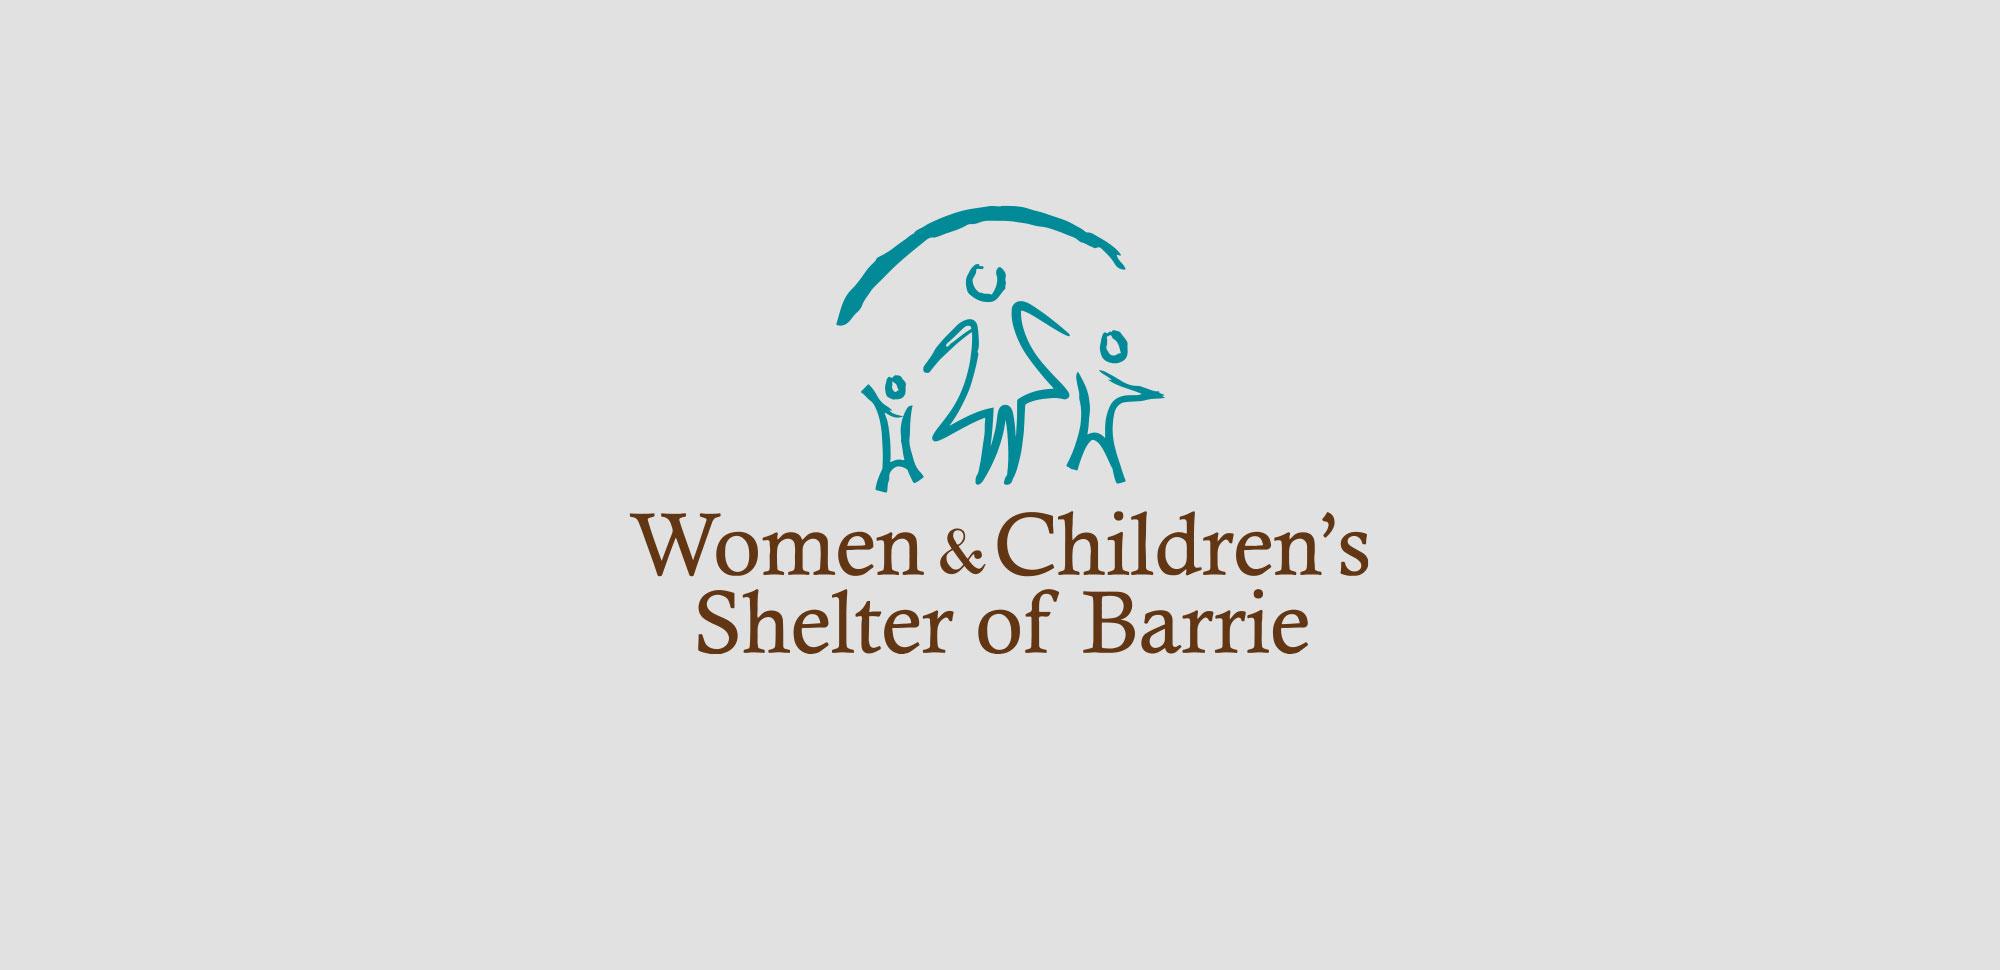 Women & Children's Shelter of Barrie Logo & Identity Design